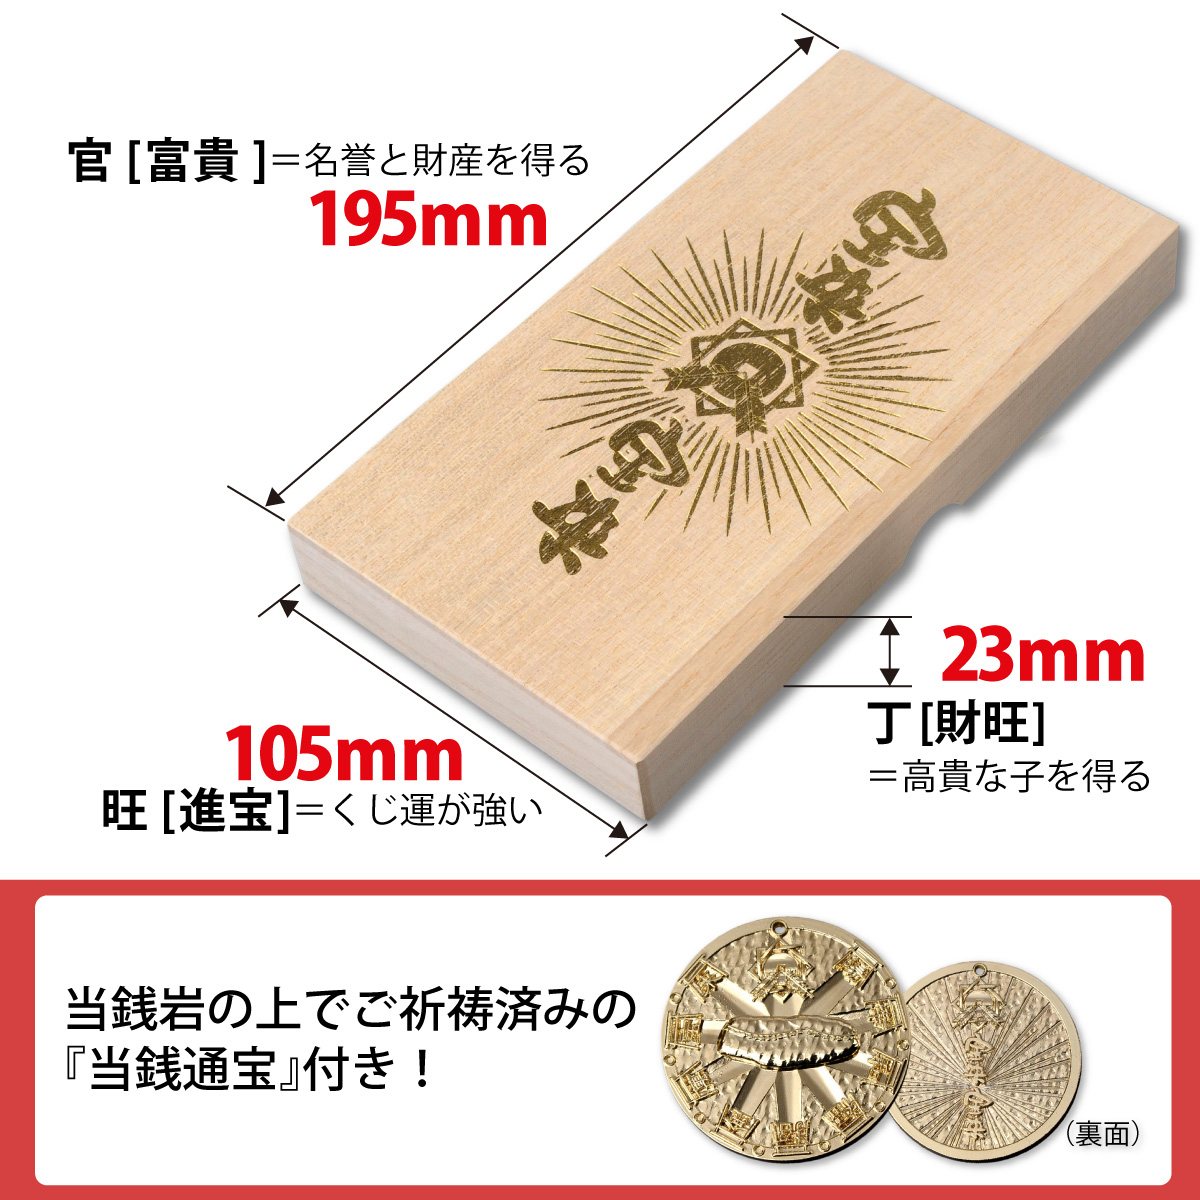 【宝くじ祈願】 宝来宝来当銭箱 ≫宝くじ入れ!